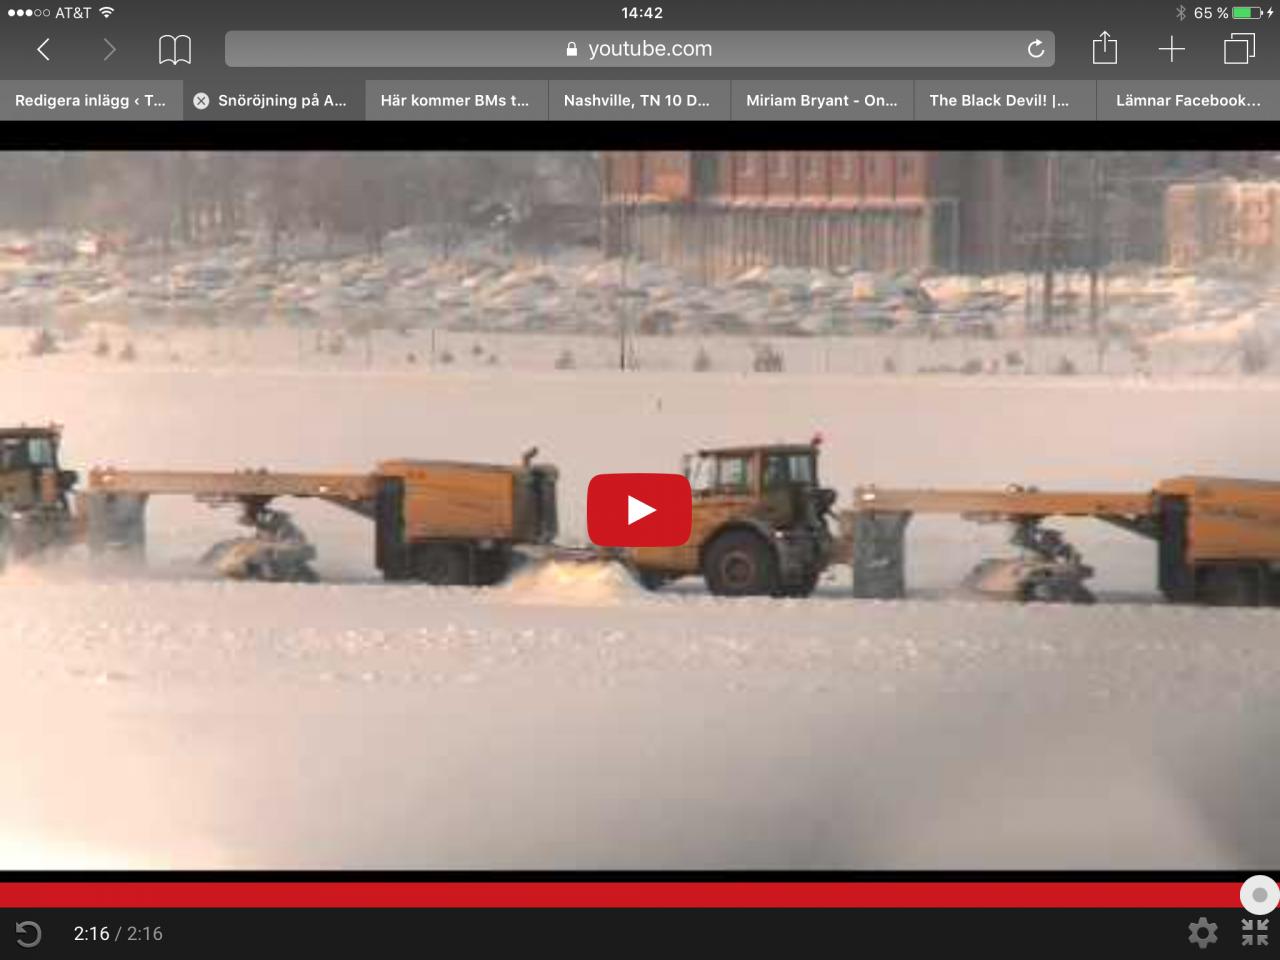 Här kommer Volvodumprar som röjer snö!